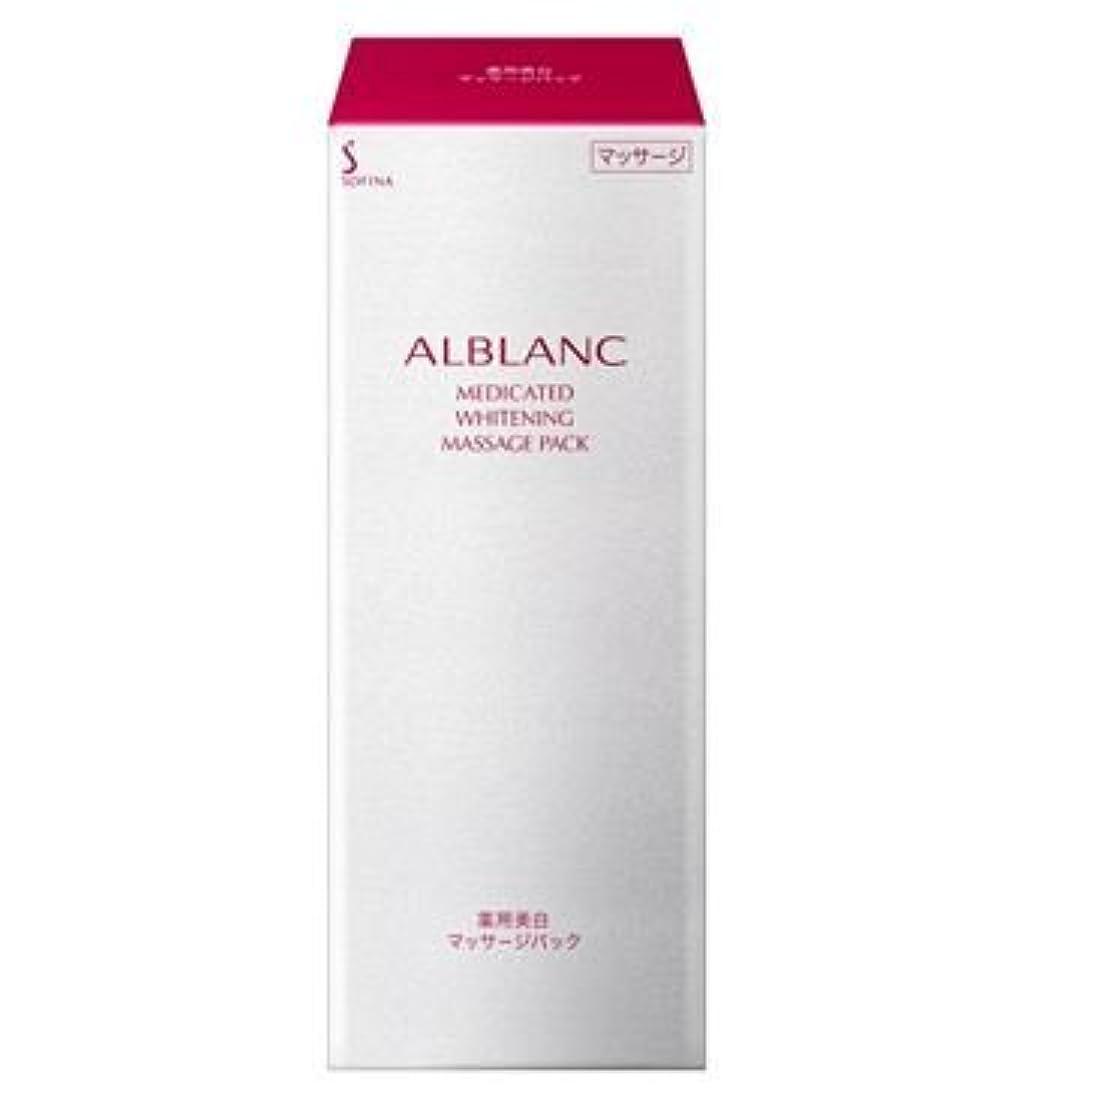 スライス罹患率レトルトアルブラン 薬用美白マッサージパック 125g